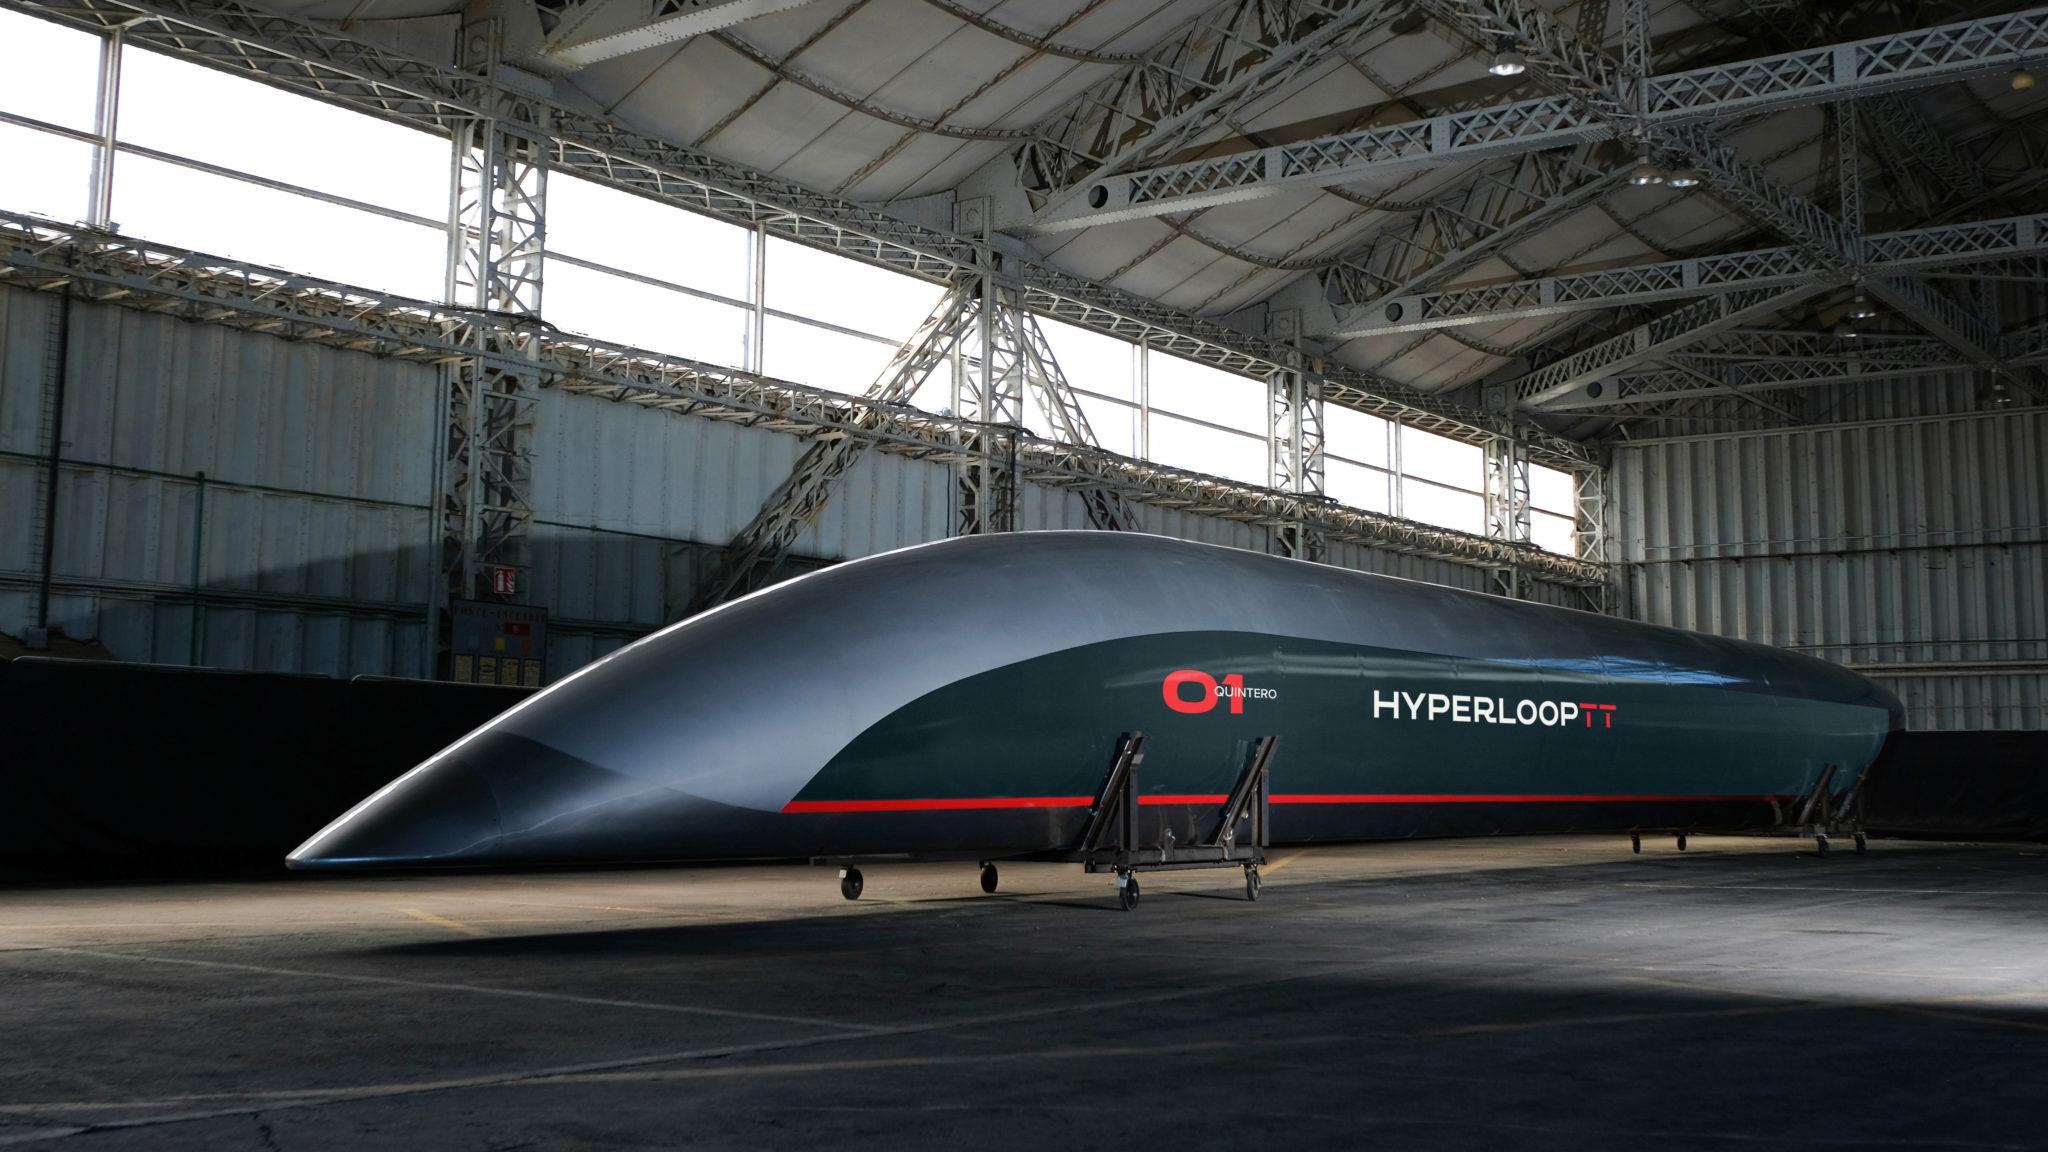 Hyperloop studia la prima tratta in Italia: Milano-Malpensa in 10 minuti